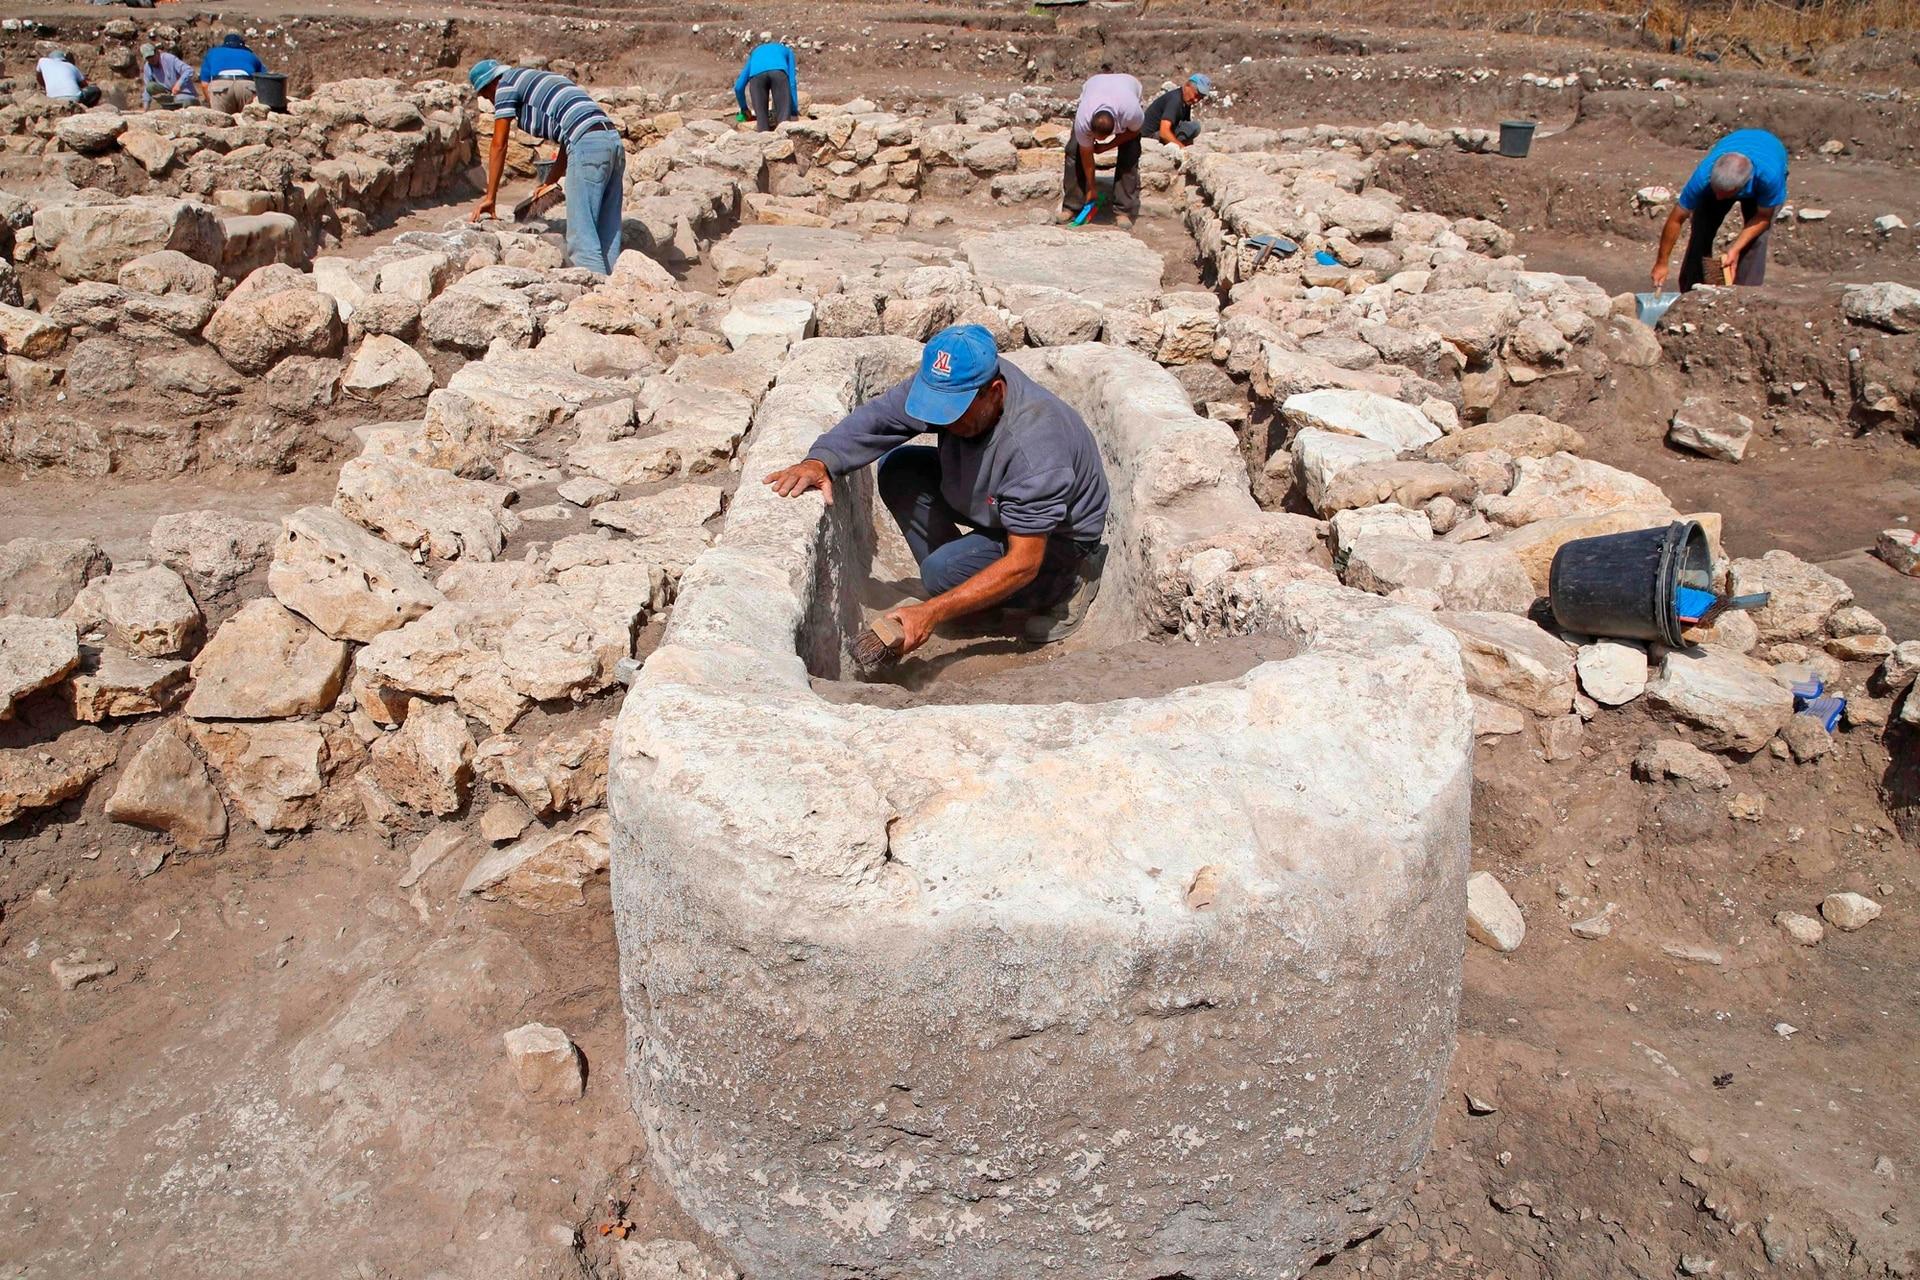 La Autoridad de Antigüedades de Israel (AIA) presentó el domingo en el centro de Israel los restos de una ciudad construida hace 5.000 años